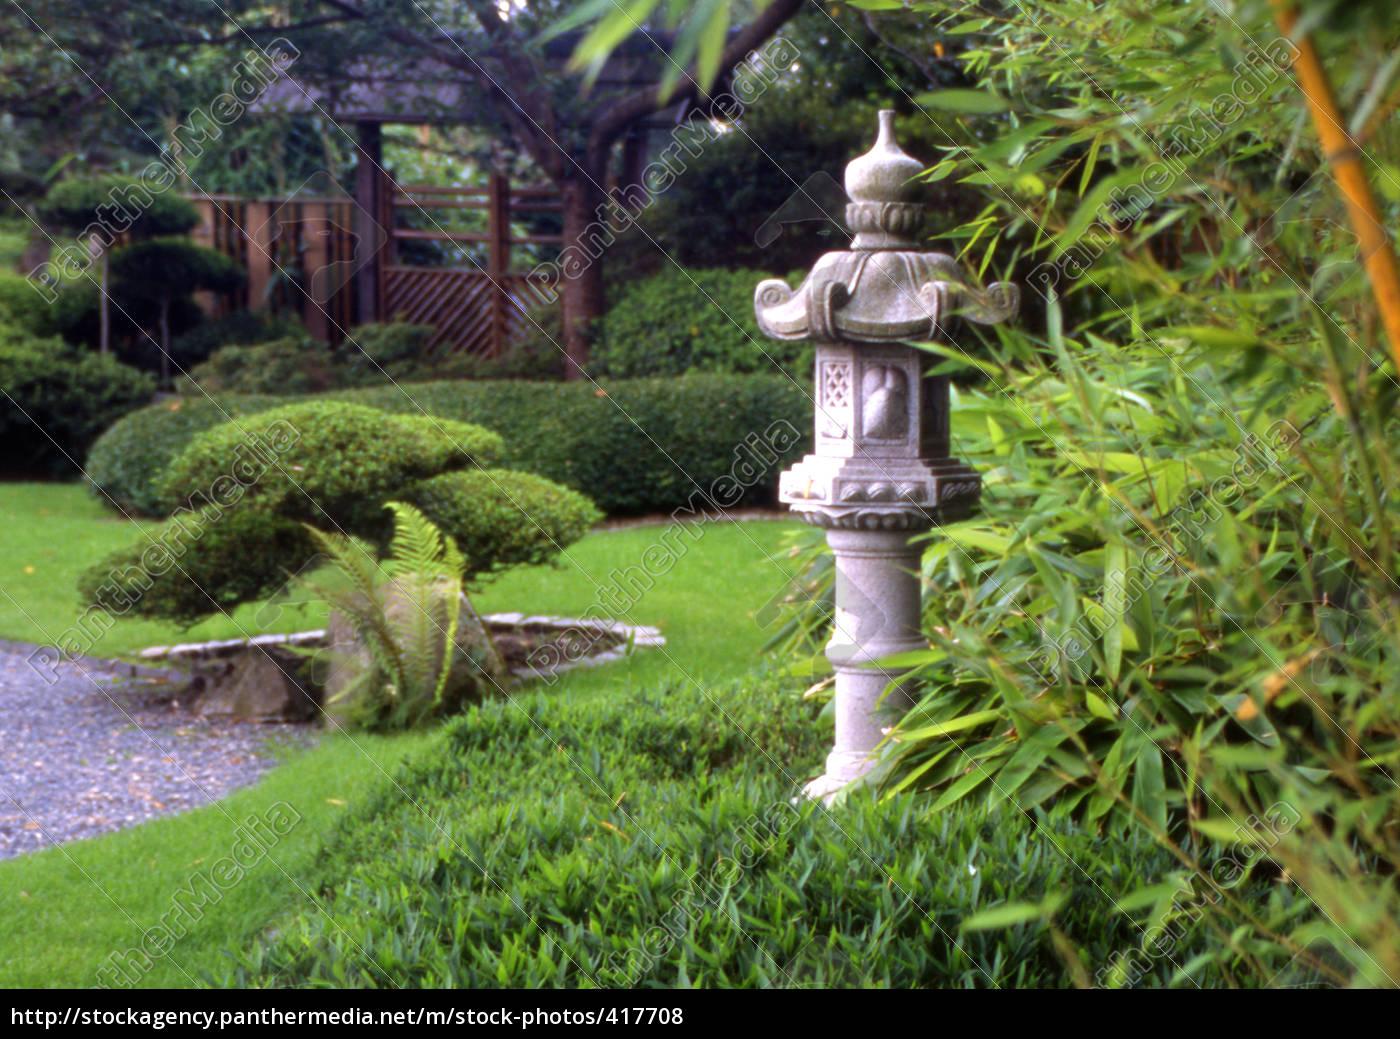 japan, garden - 417708